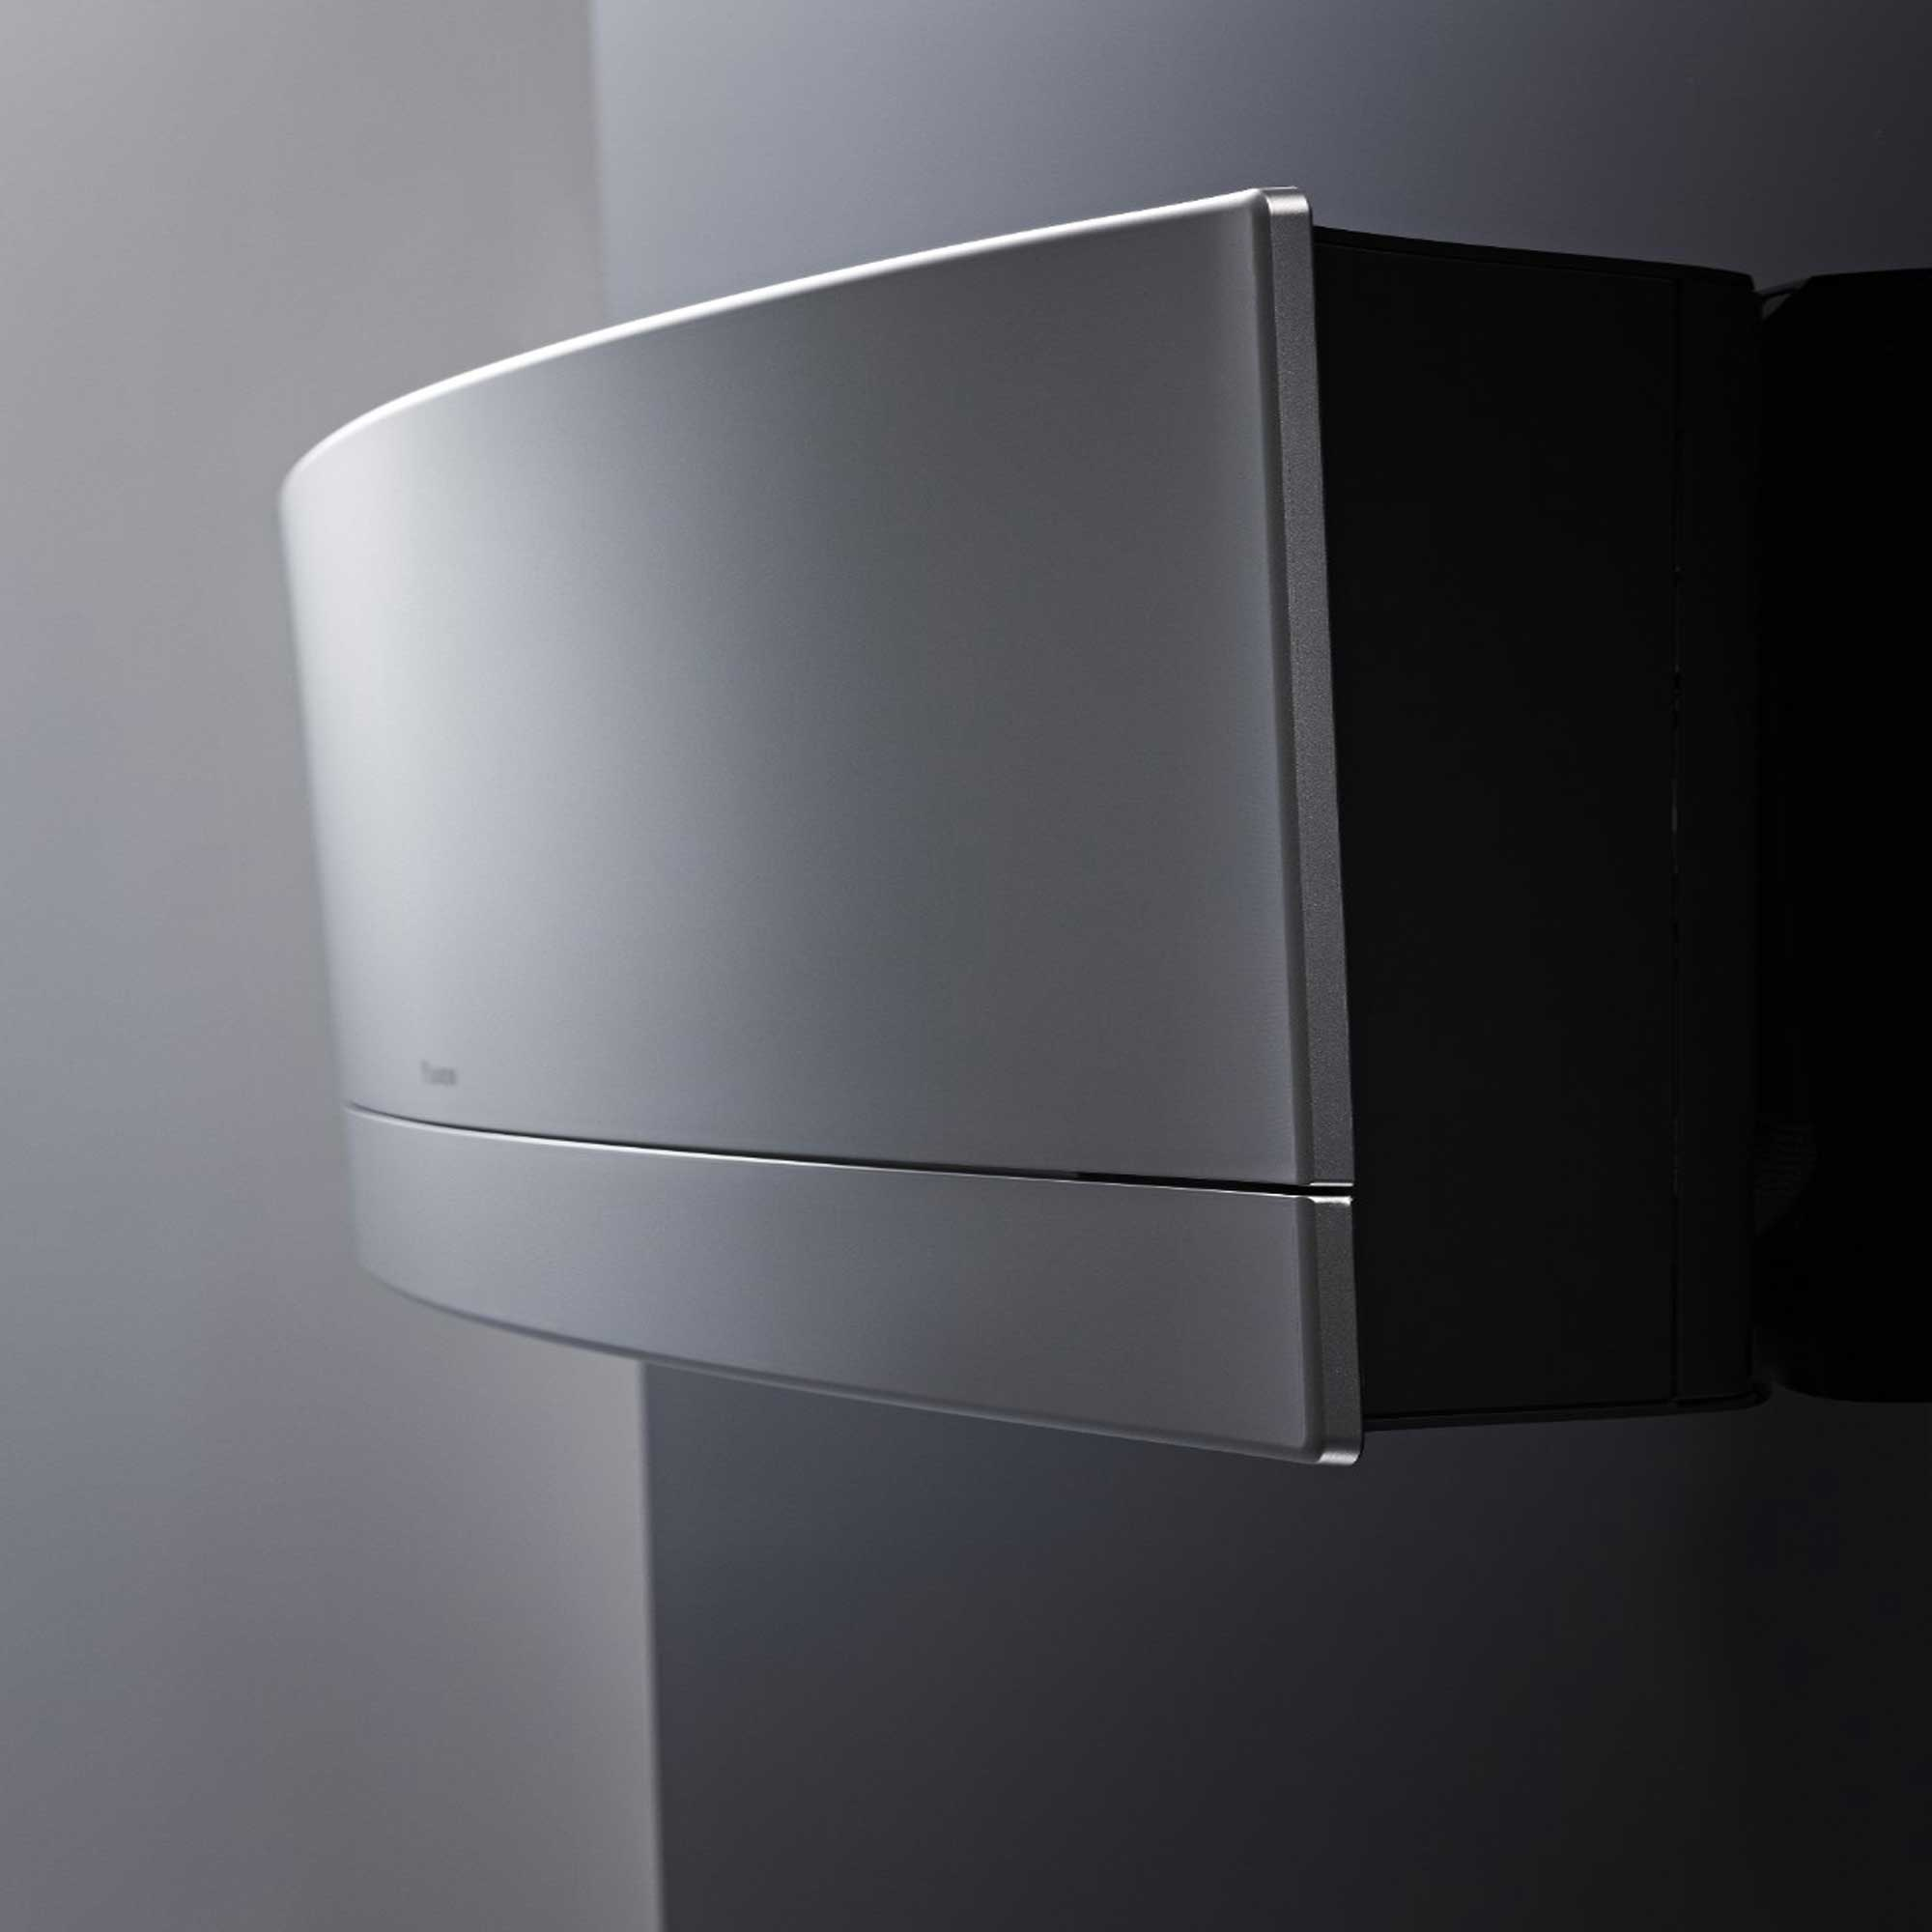 Instalaci n de aire acondicionado dakin for Simbolos aire acondicionado daikin